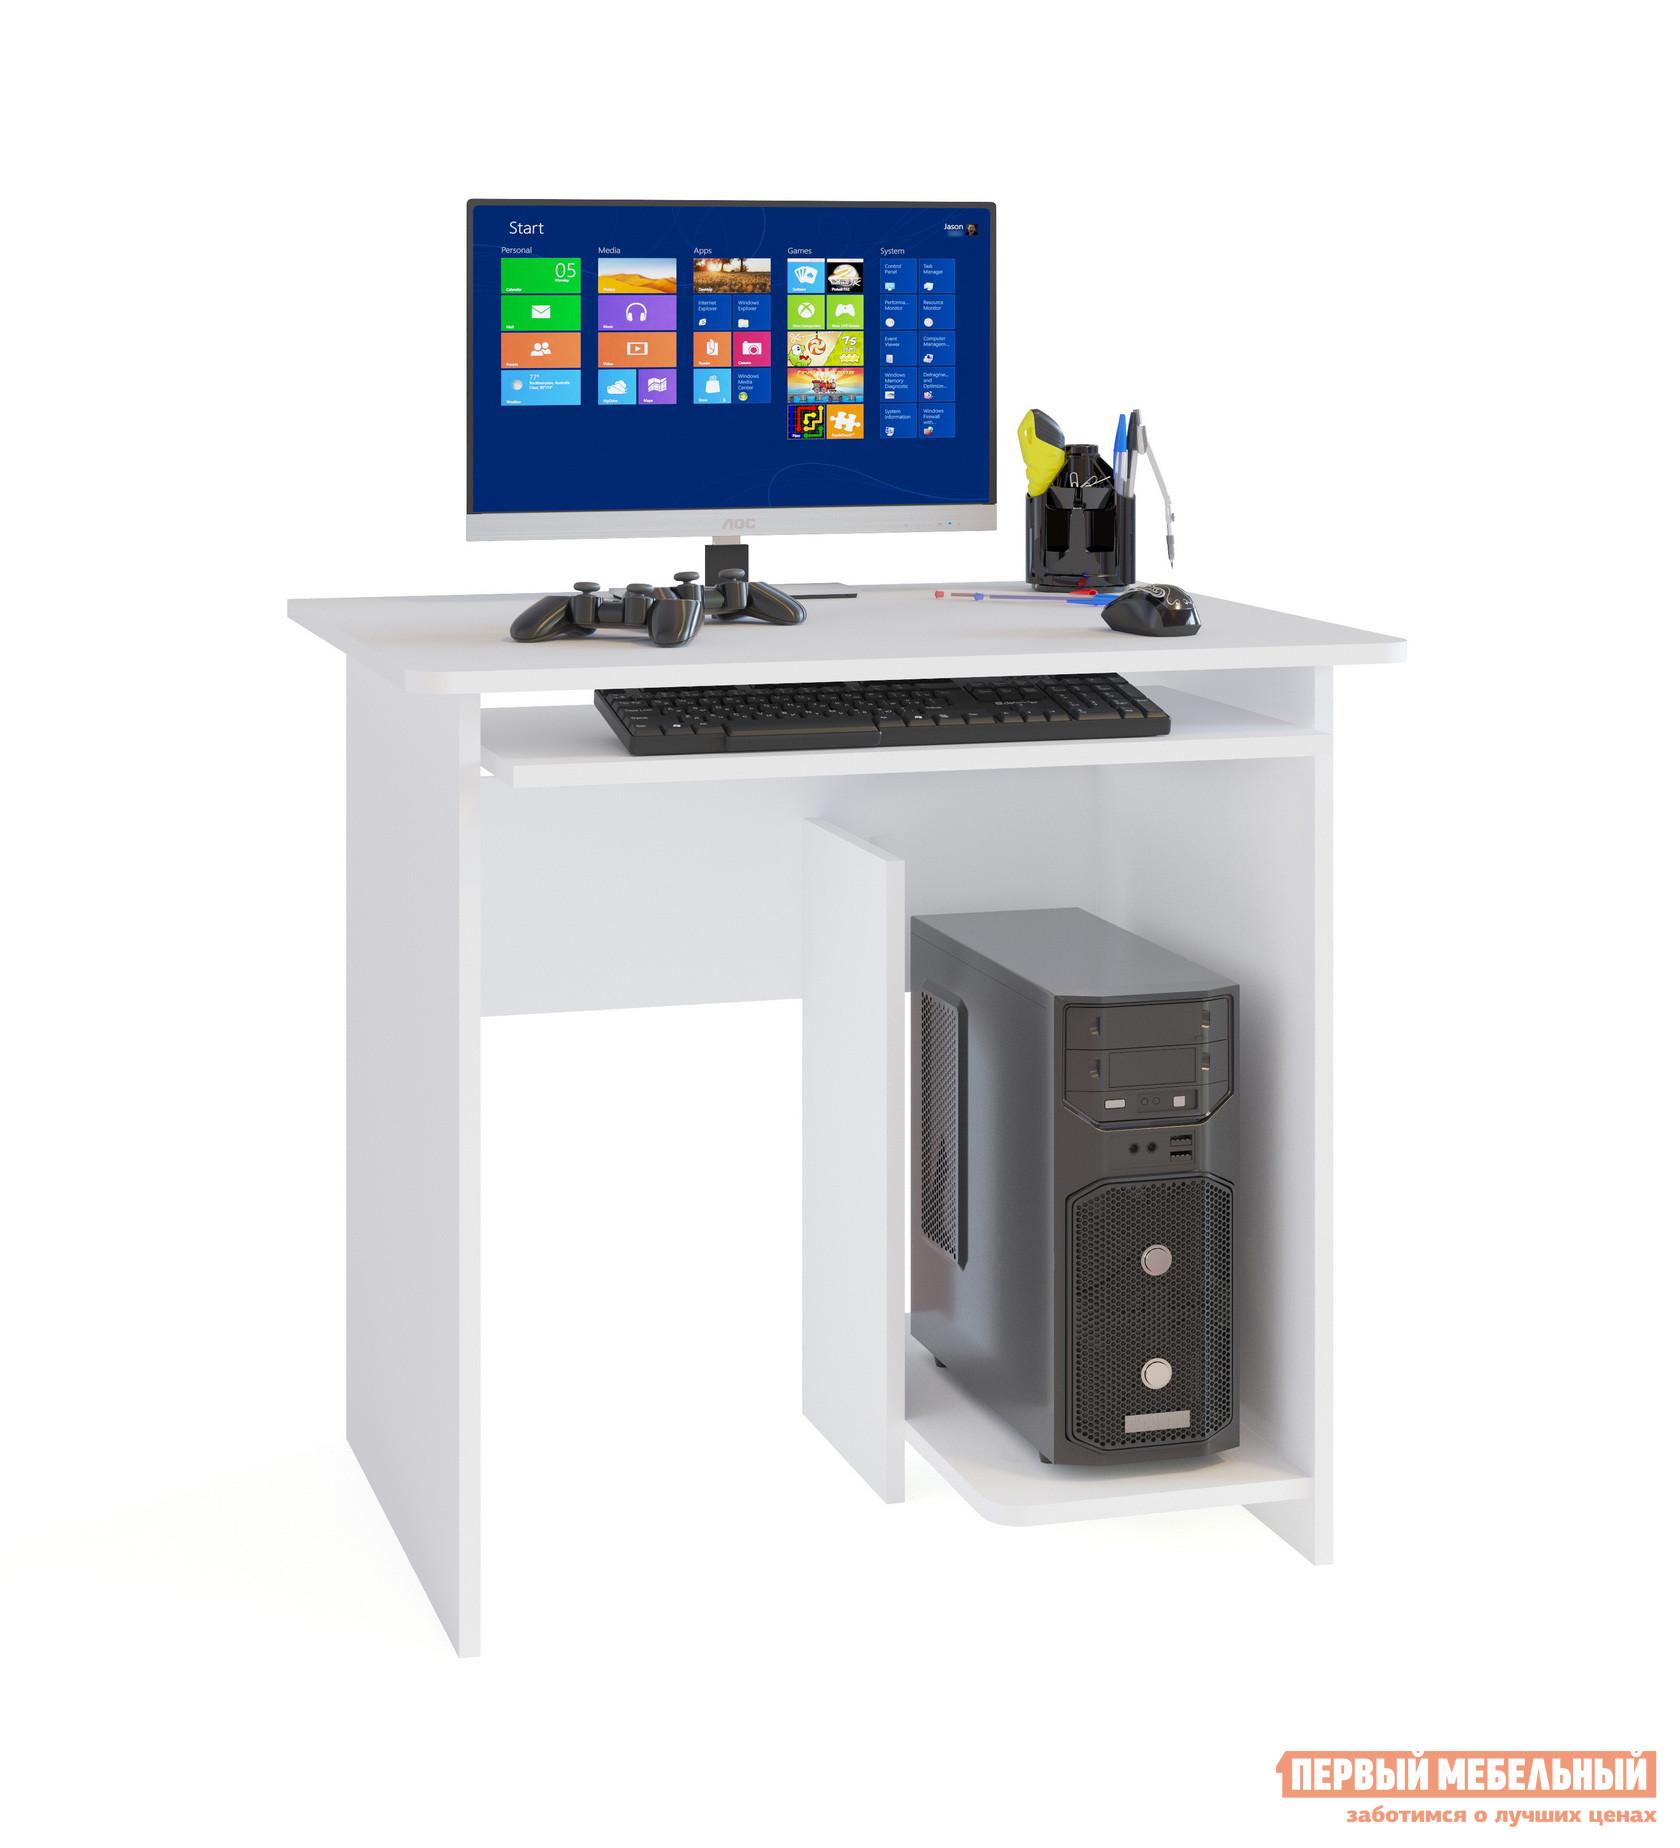 Компьютерный стол Сокол КСТ-21.1 БелыйКомпьютерные столы<br>Габаритные размеры ВхШхГ 740x800x600 мм. Компактный компьютерный стол идеально подойдет для небольшой комнаты.  Лаконичные формы исполнения делают стол универсальным для любого интерьера. Размеры столешницы — 800 х 600 мм — позволяют установить монитор любой диагонали.  Стол оборудован выдвижной полкой для клавиатуры, а в основании с правой стороны расположена ниша под системный блок. Обратите внимание! Стол изготавливается только так, как показано на изображении — системный блок справа. Производится из ЛДСП толщиной 16 мм, края обработаны кромкой ПВХ 0,4 мм.<br><br>Цвет: Белый<br>Цвет: Белый<br>Высота мм: 740<br>Ширина мм: 800<br>Глубина мм: 600<br>Кол-во упаковок: 1<br>Форма поставки: В разобранном виде<br>Срок гарантии: 2 года<br>Тип: Прямые<br>Материал: Деревянные, из ЛДСП<br>Размер: Маленькие, Шириной 80 см<br>Особенности: Без надстройки, С полками